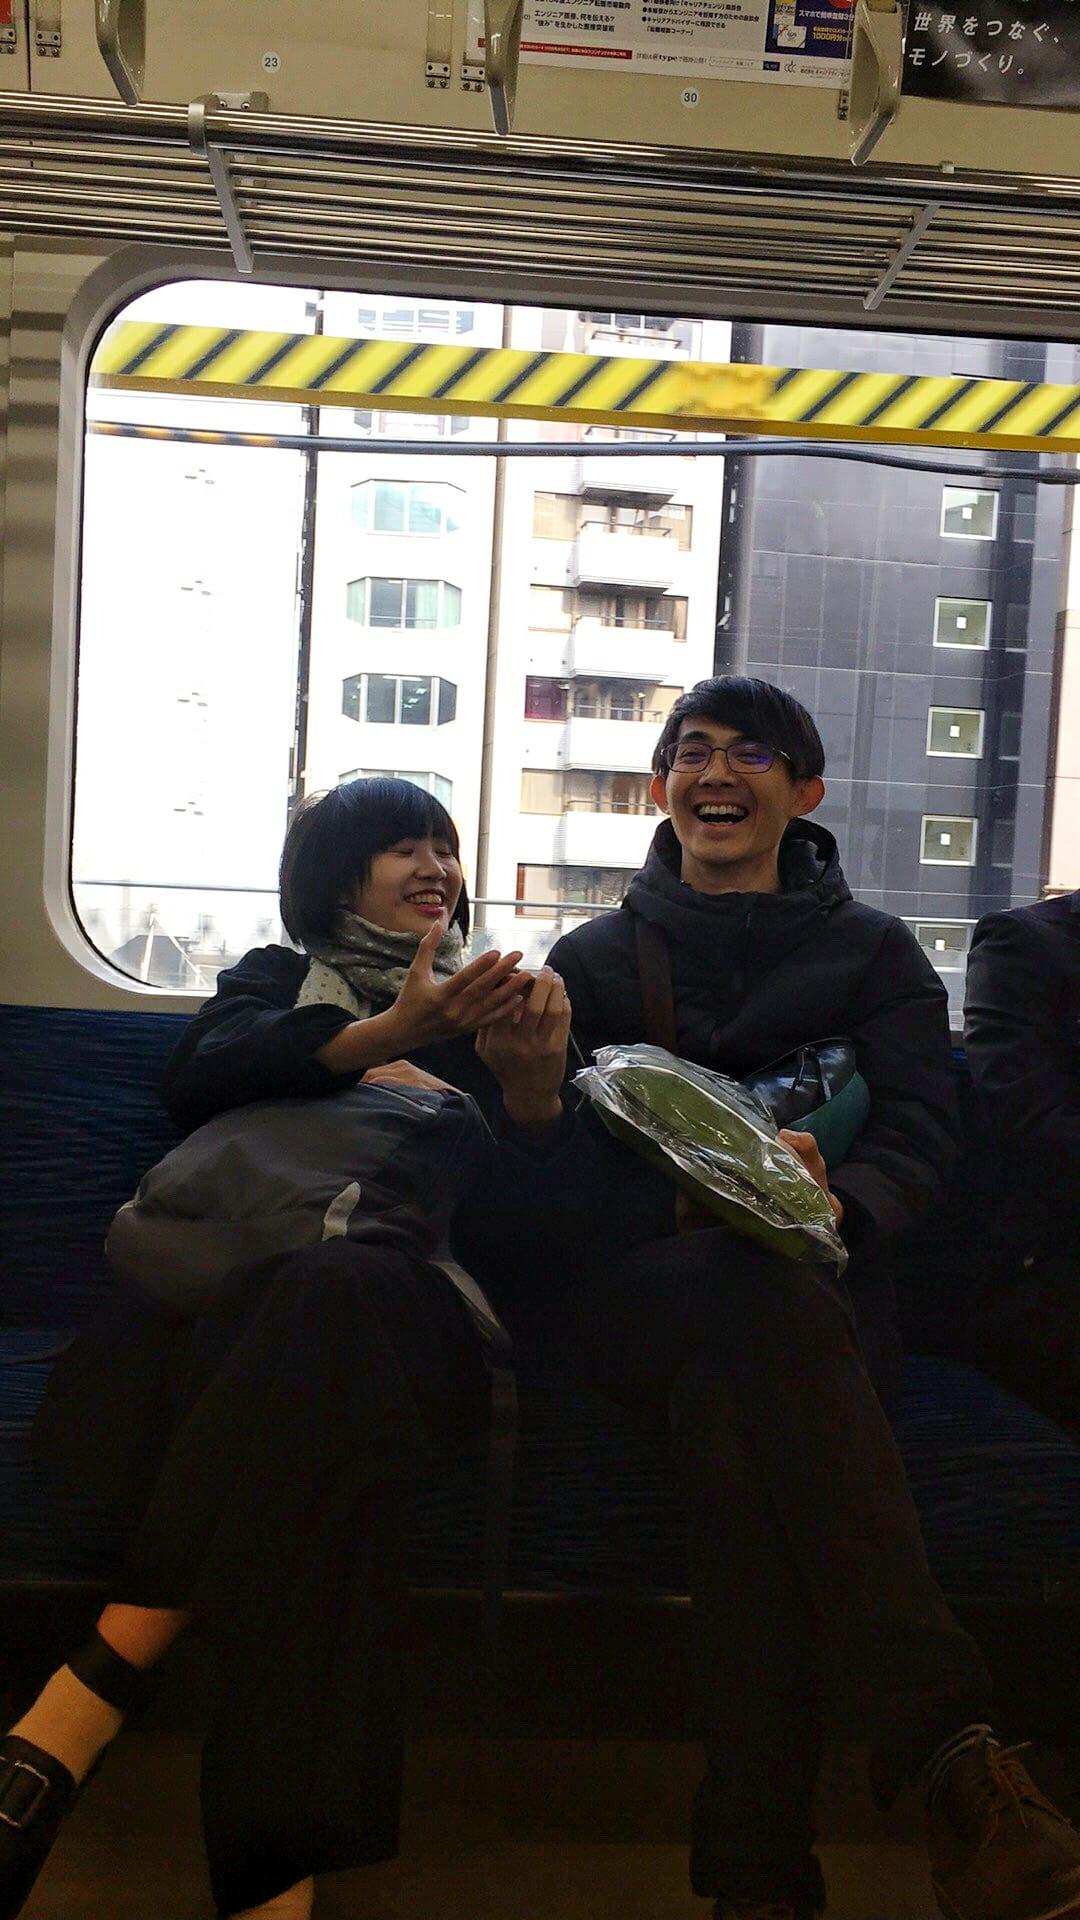 在電車上,嘉欽拍下我跟凱翔不知道在講什麼但很開心的感覺,哈哈哈。